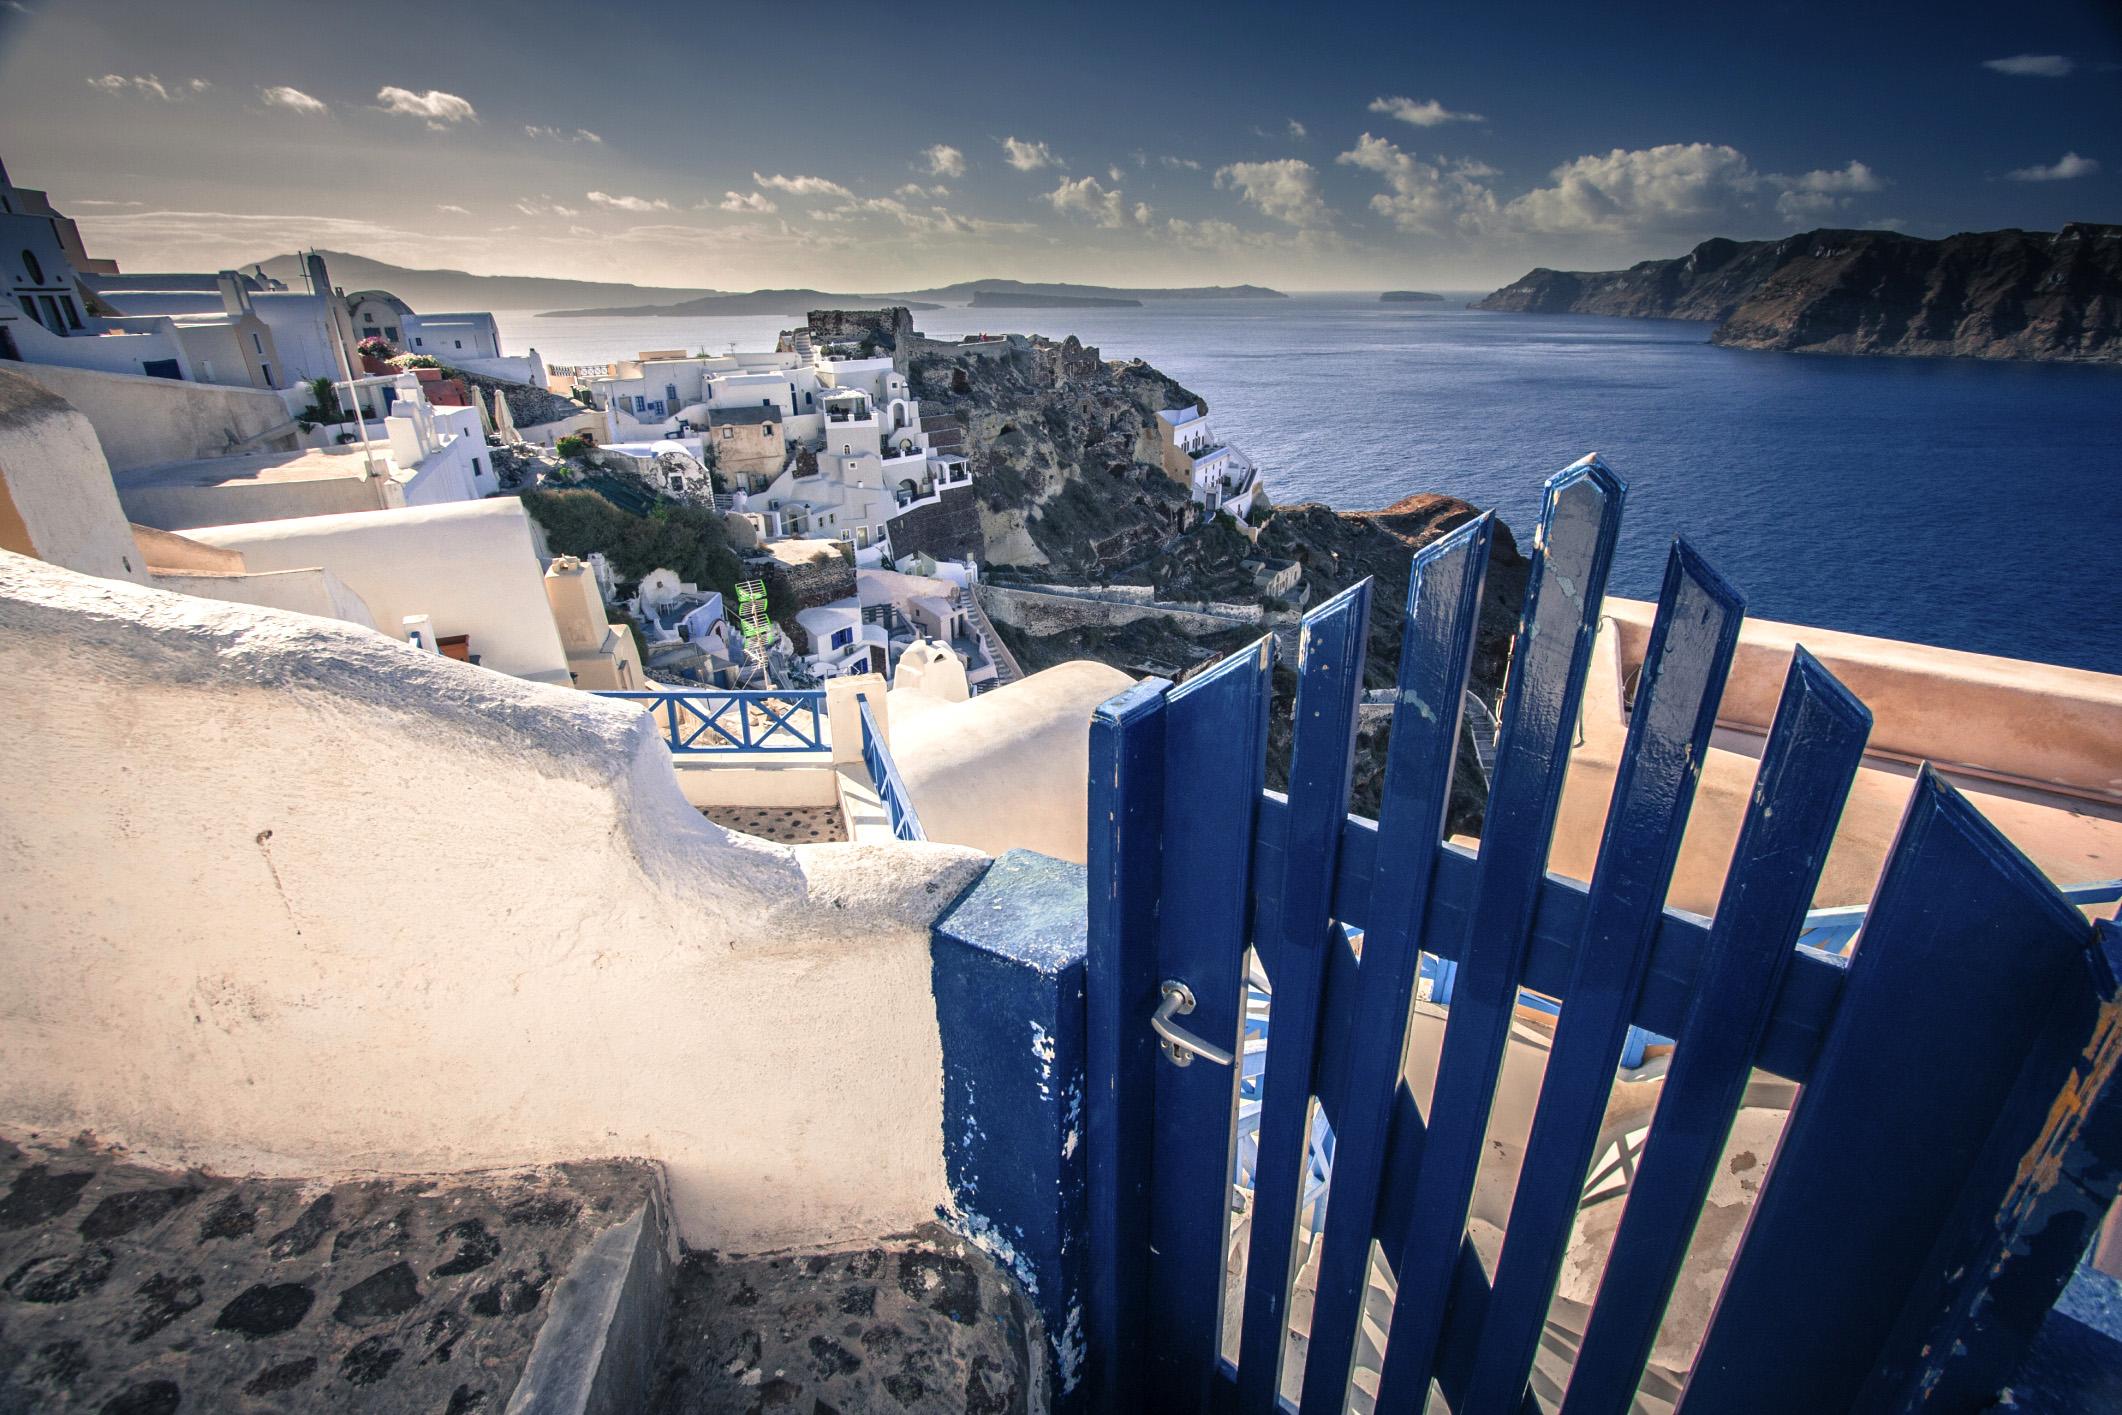 Görög–római kézműves székek lepték el a kuvaiti sivatagot.